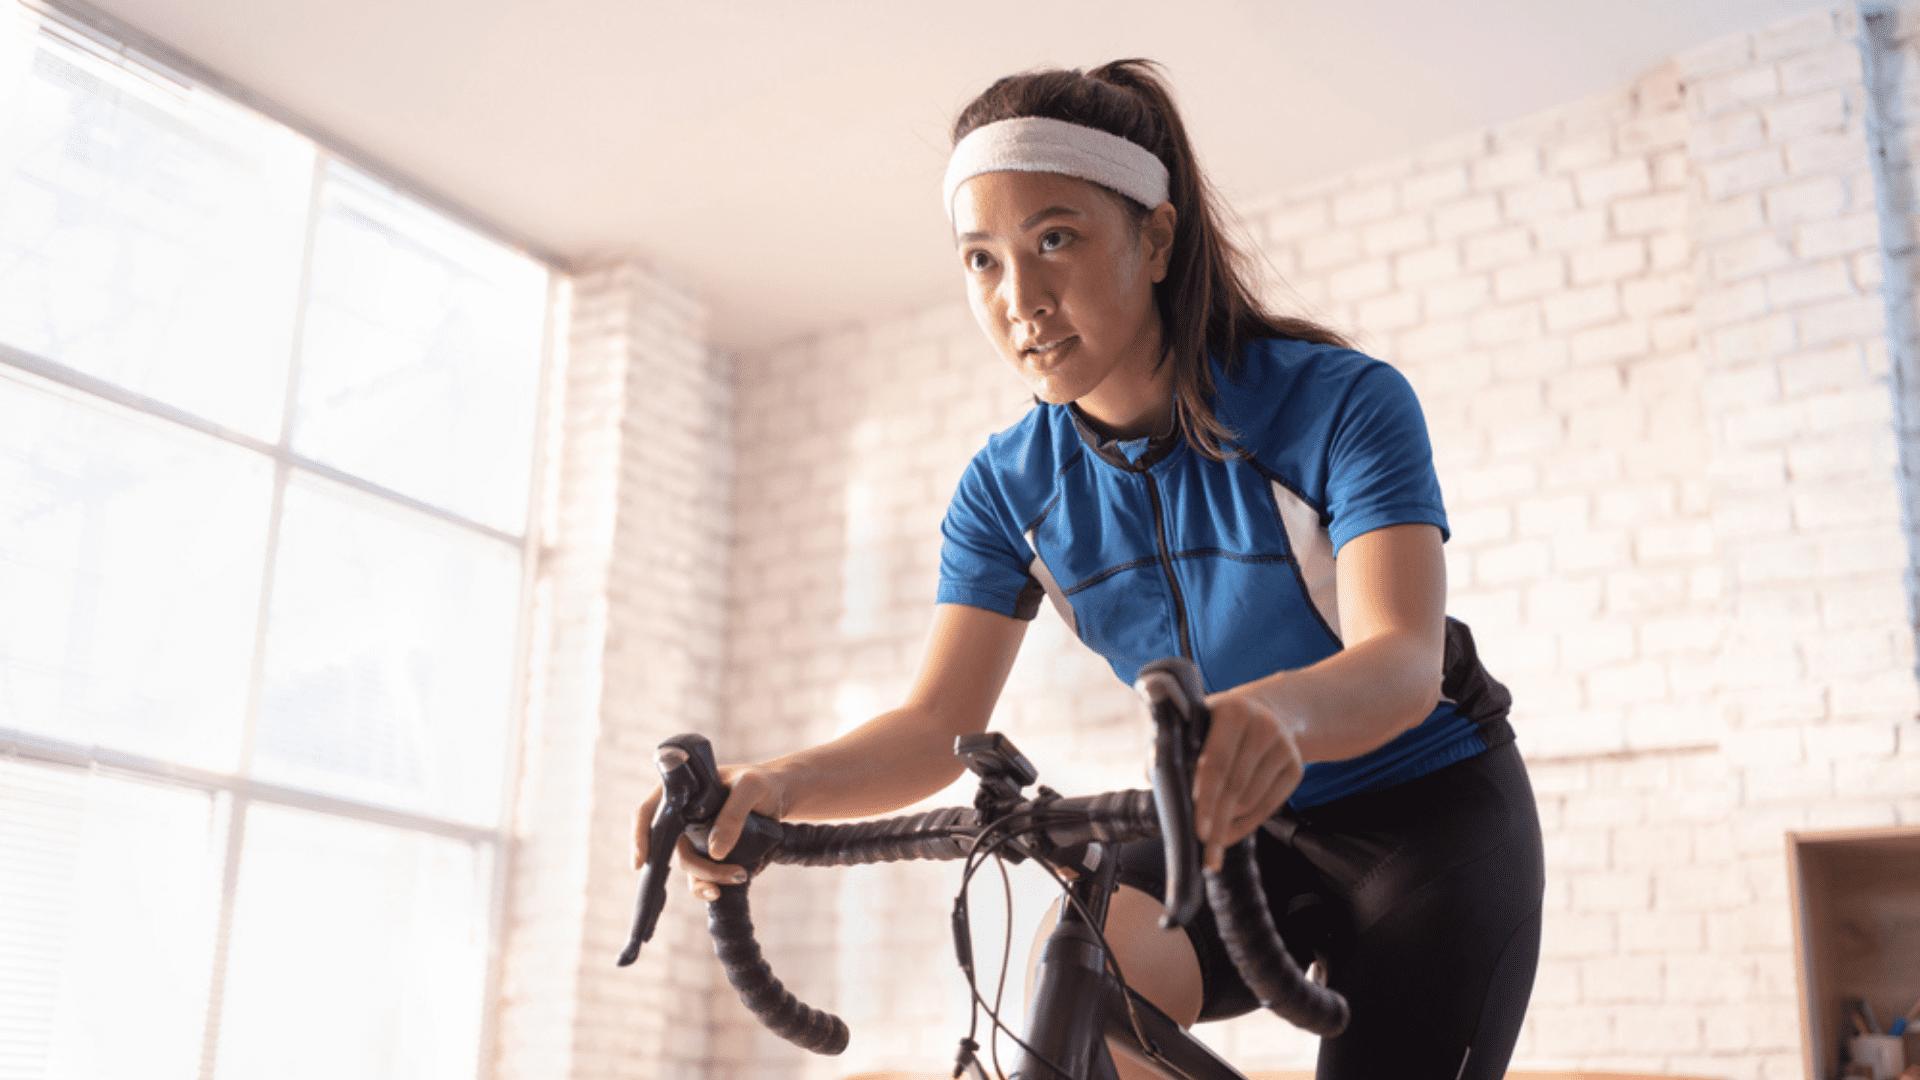 Veja quais foram as bicicletas ergométricas mais vendidas no Zoom em abril de 2021! (Imagem: Reprodução/Shutterstock)